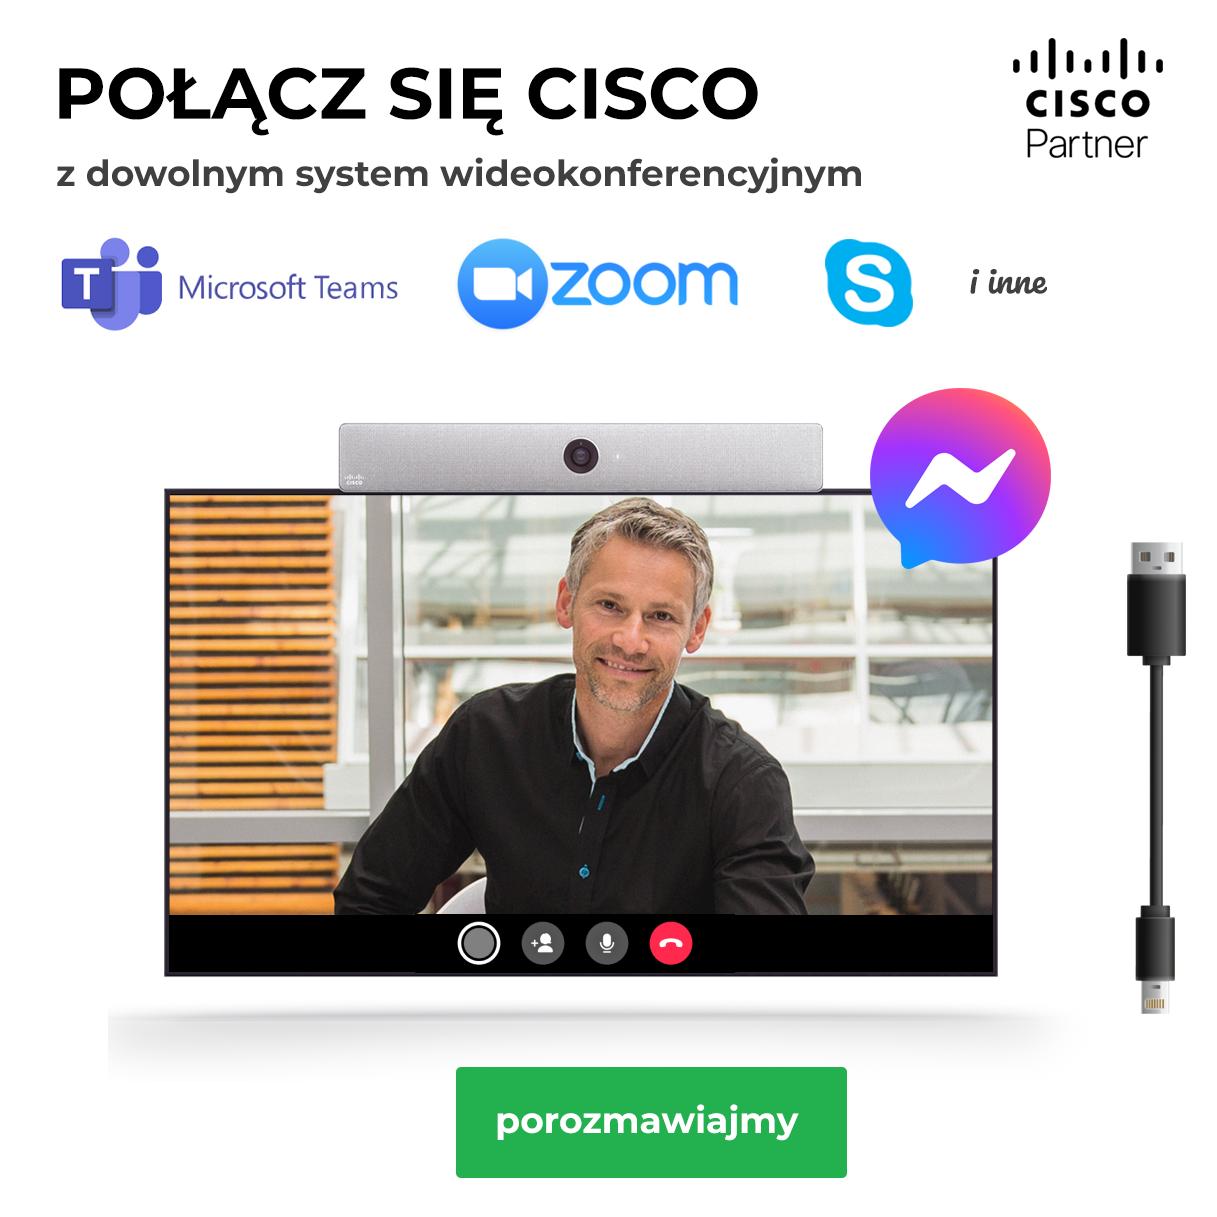 Cisco na USB - połącz się z każdą platformą do wideokonferencji